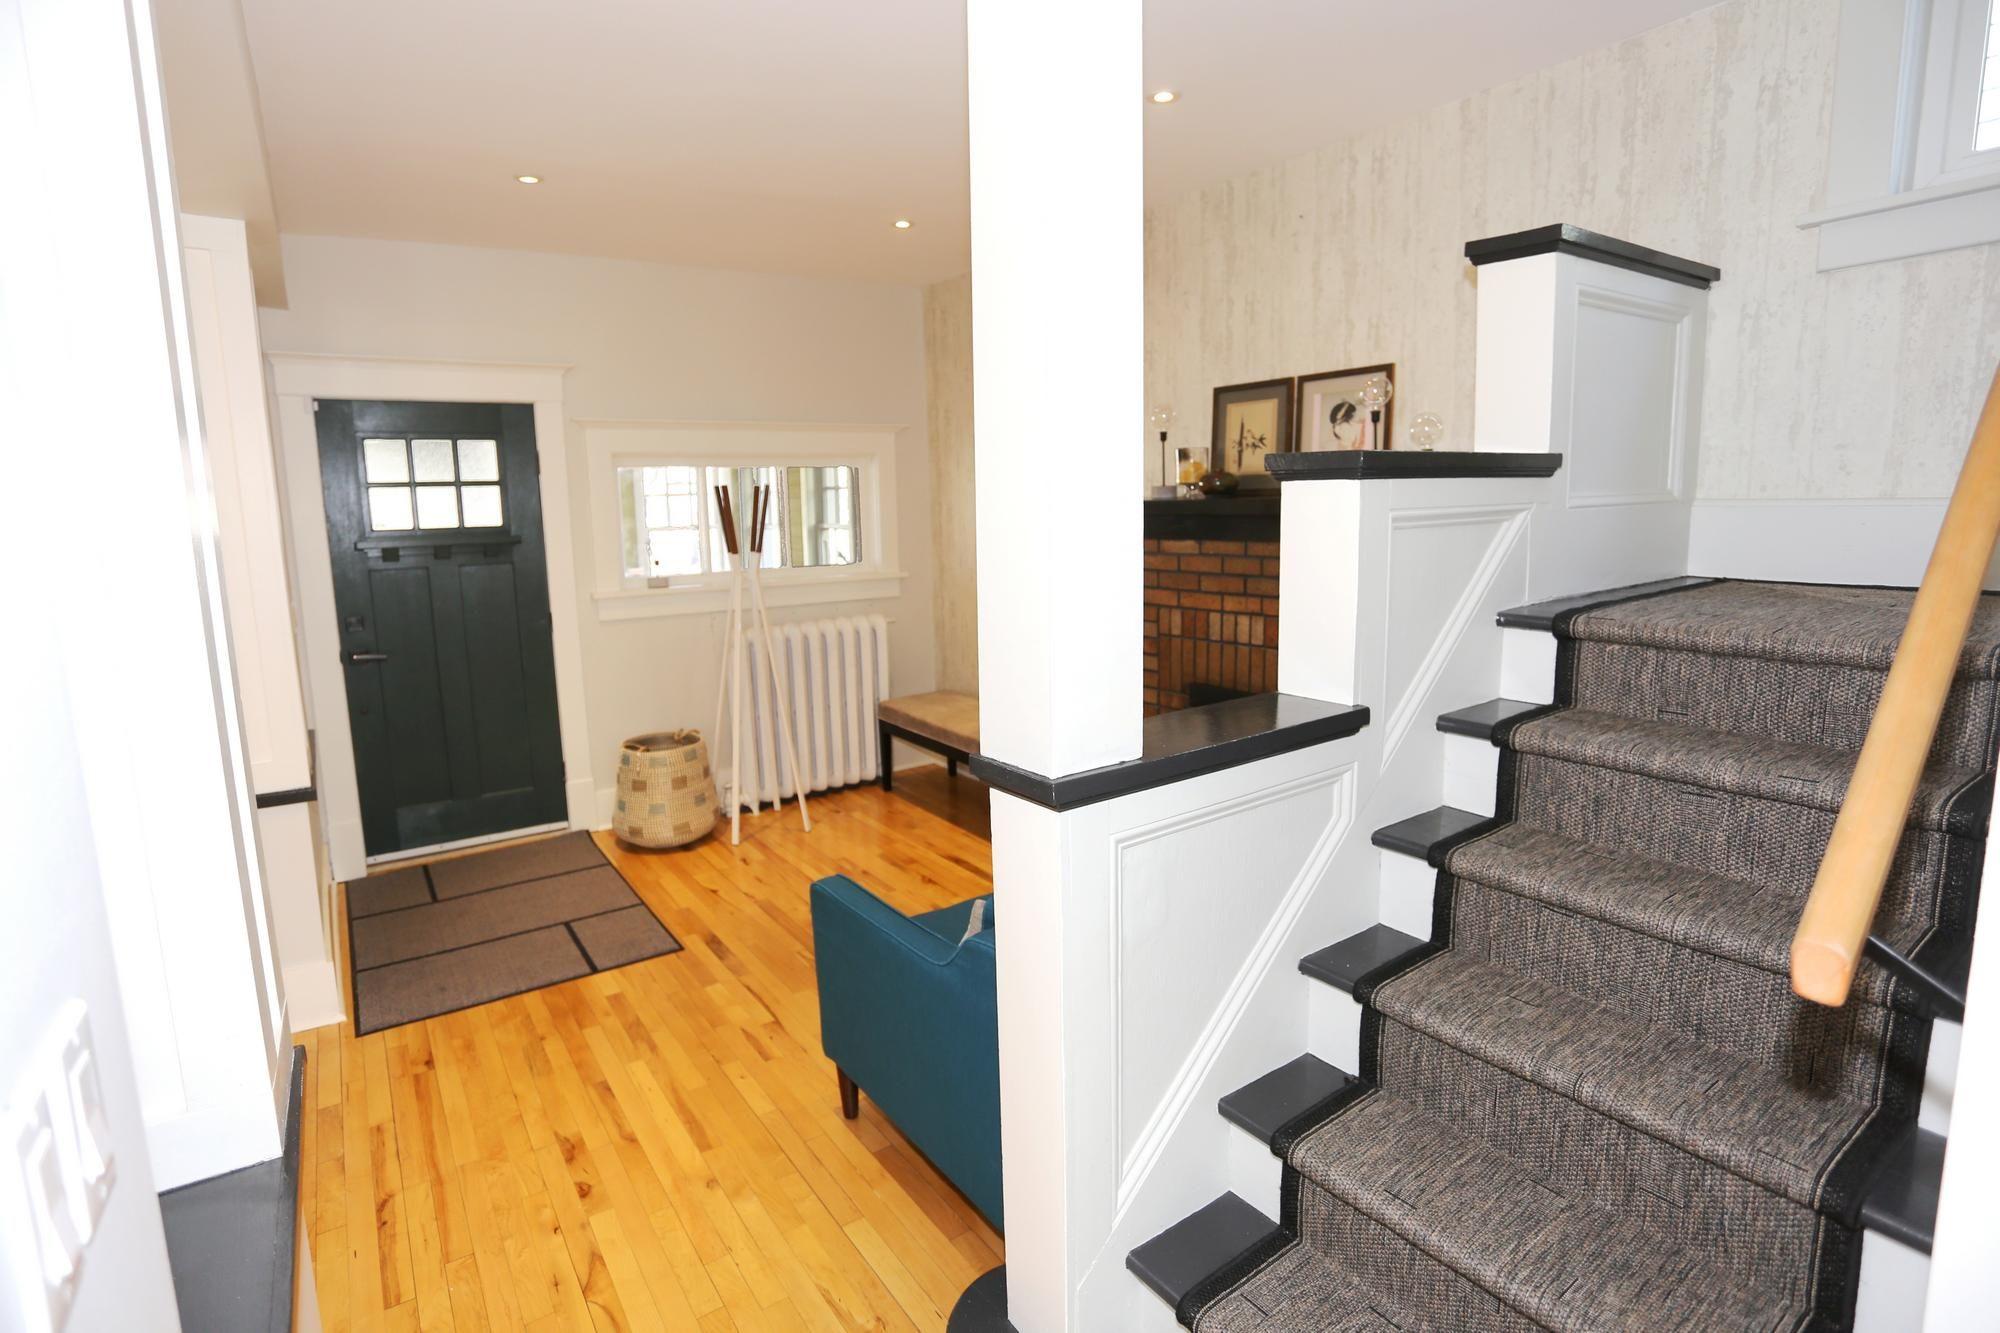 Photo 5: Photos: 121 Ruby Street in Winnipeg: Wolseley Single Family Detached for sale (5B)  : MLS®# 1808798